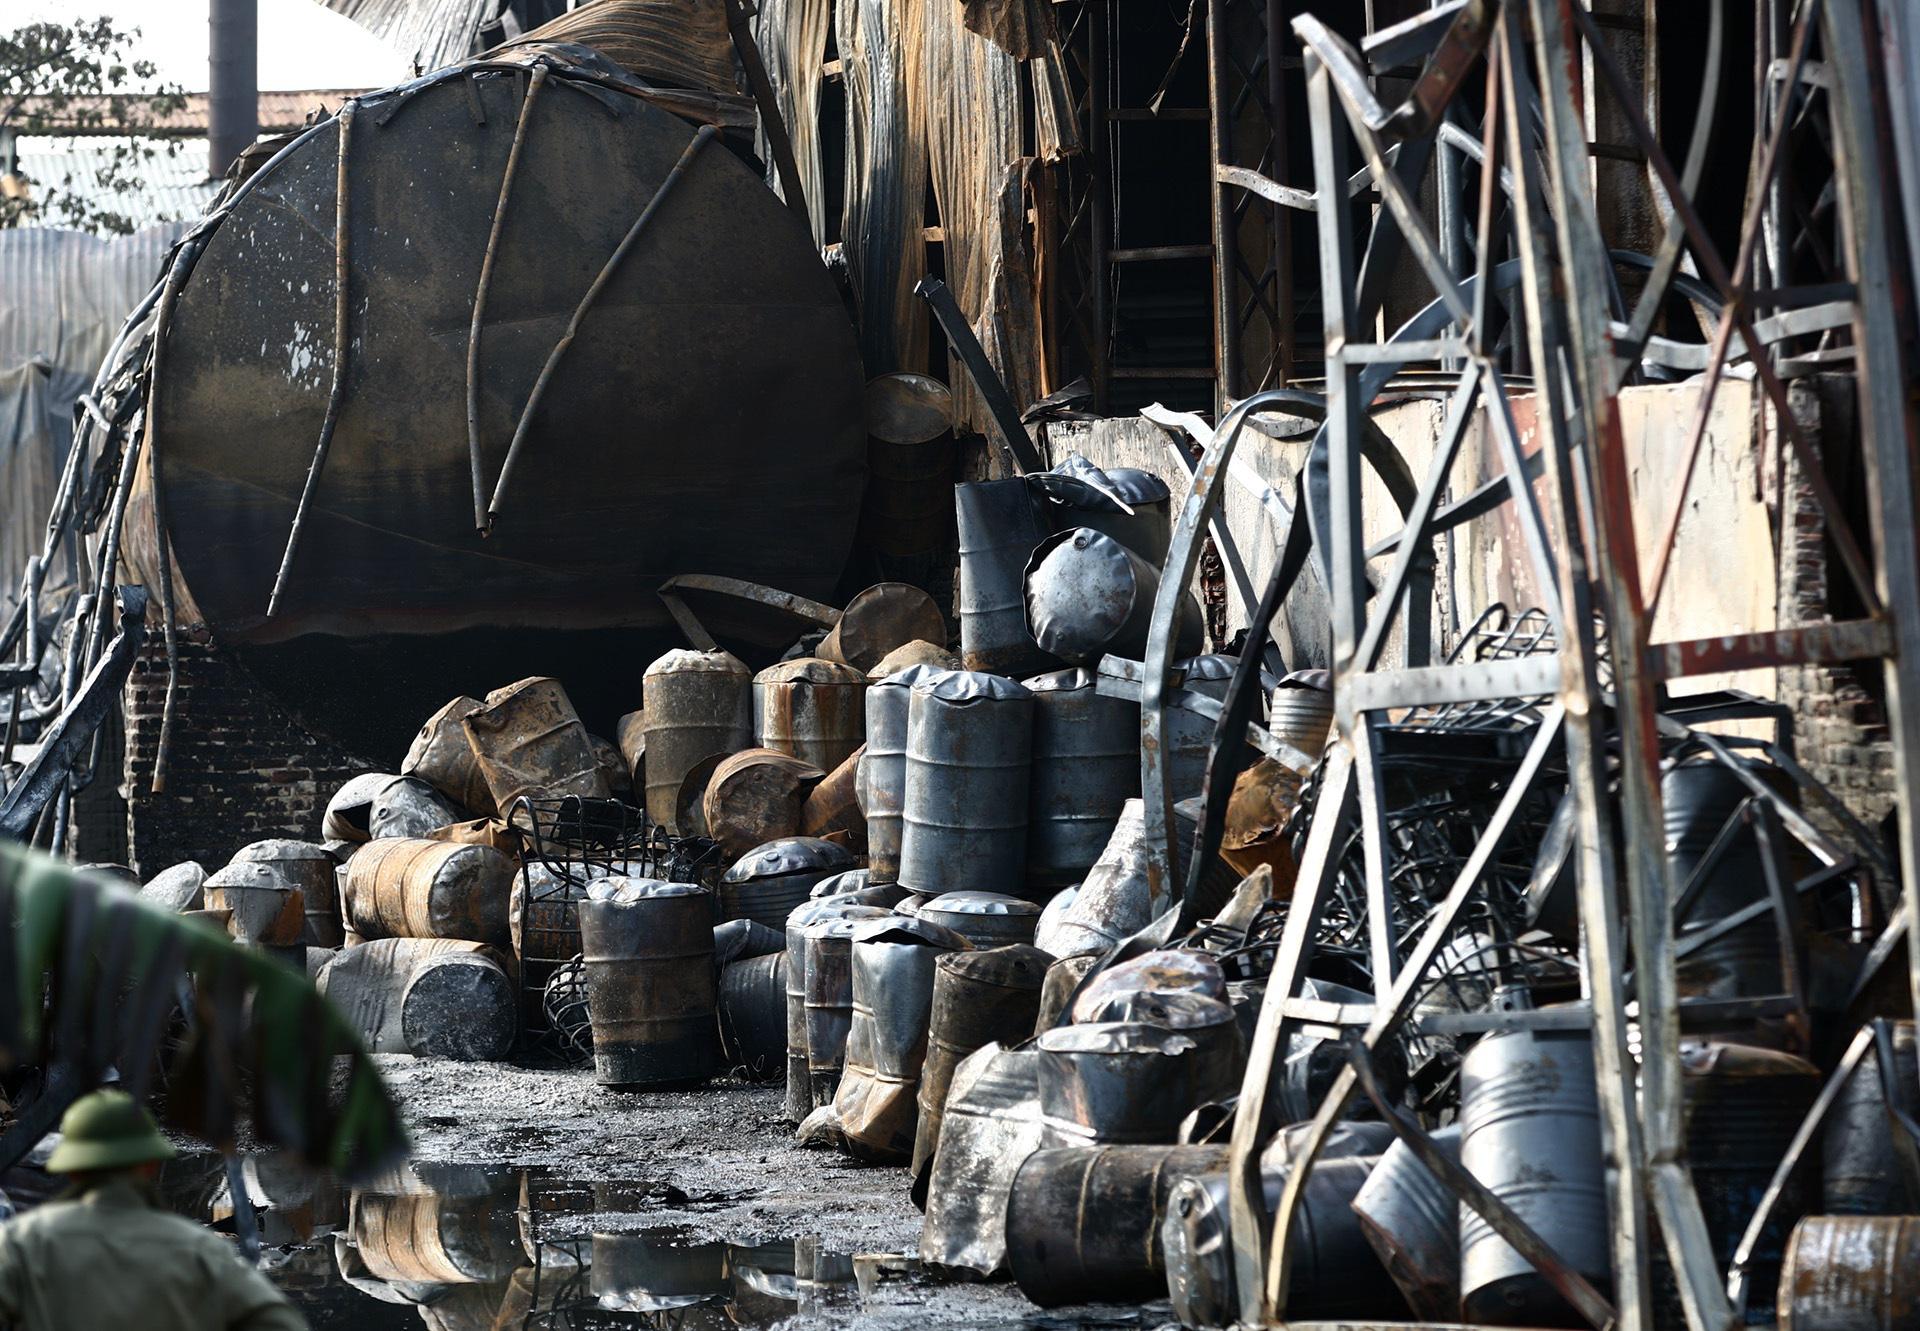 Bộ Tư lệnh hóa học đang phân tích mẫu hóa chất trong vụ cháy ở cảng Đức Giang - Ảnh 2.